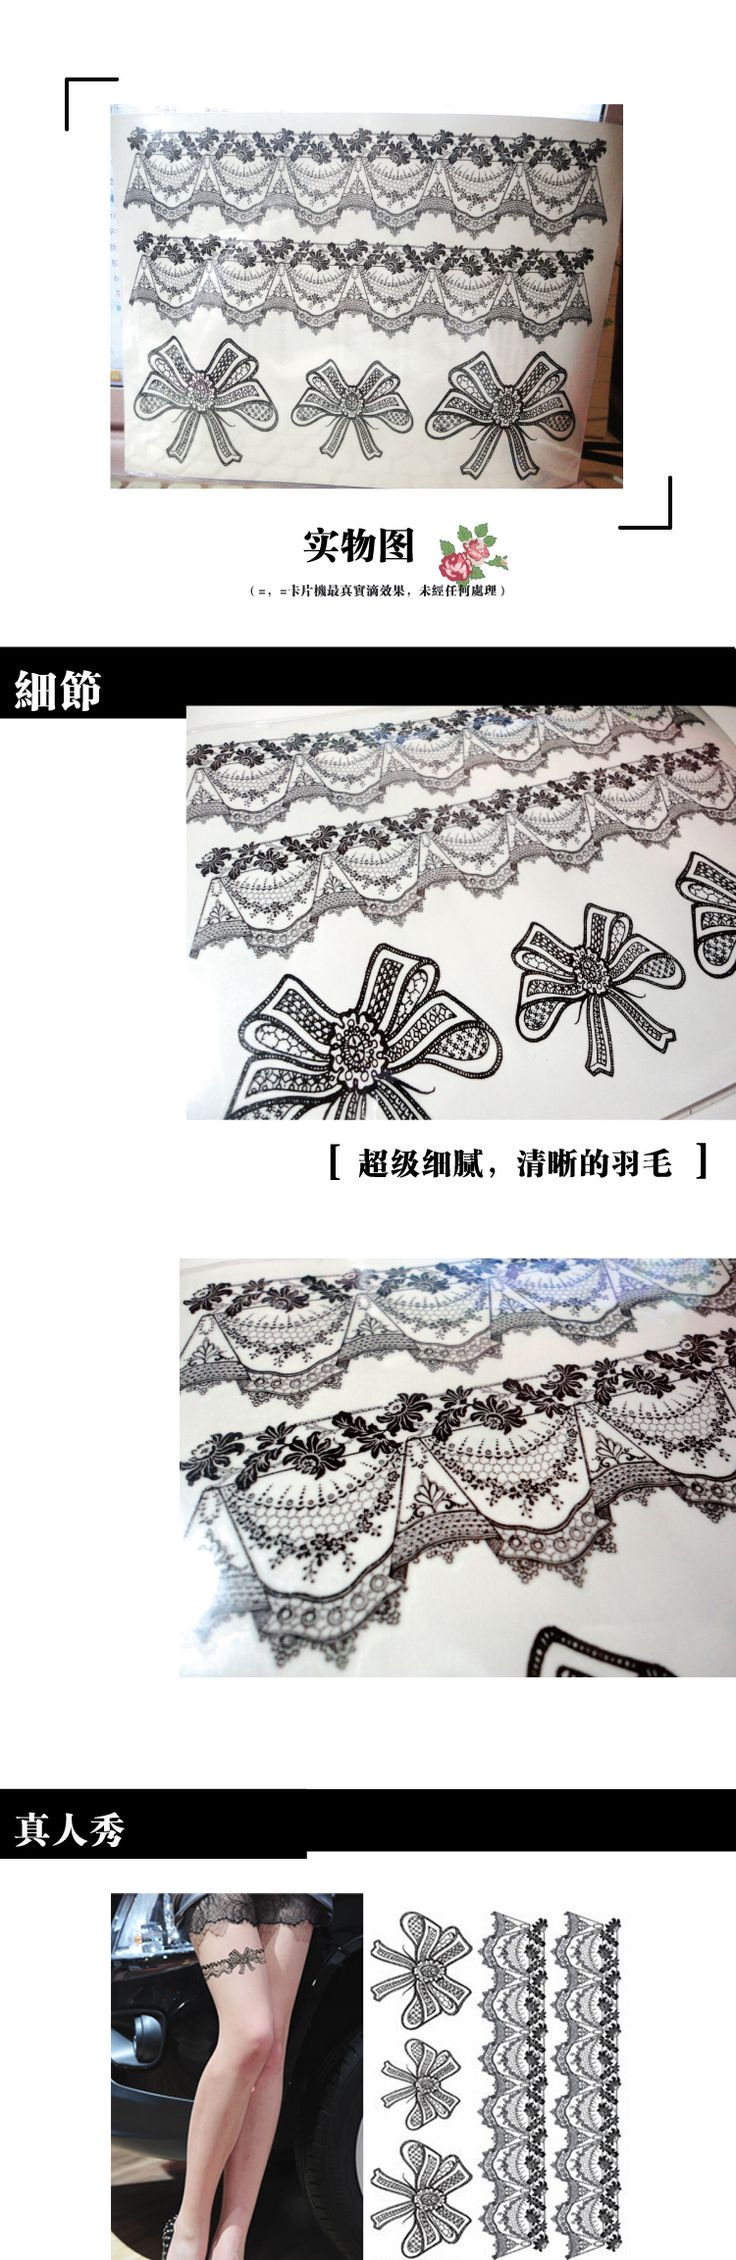 Сладкий личности ноги бедра татуировки наклейки татуировки наклейки кружево бабочки узел полного 45uwsupprsmhh из Таобао агента в России:ru.buychina.com